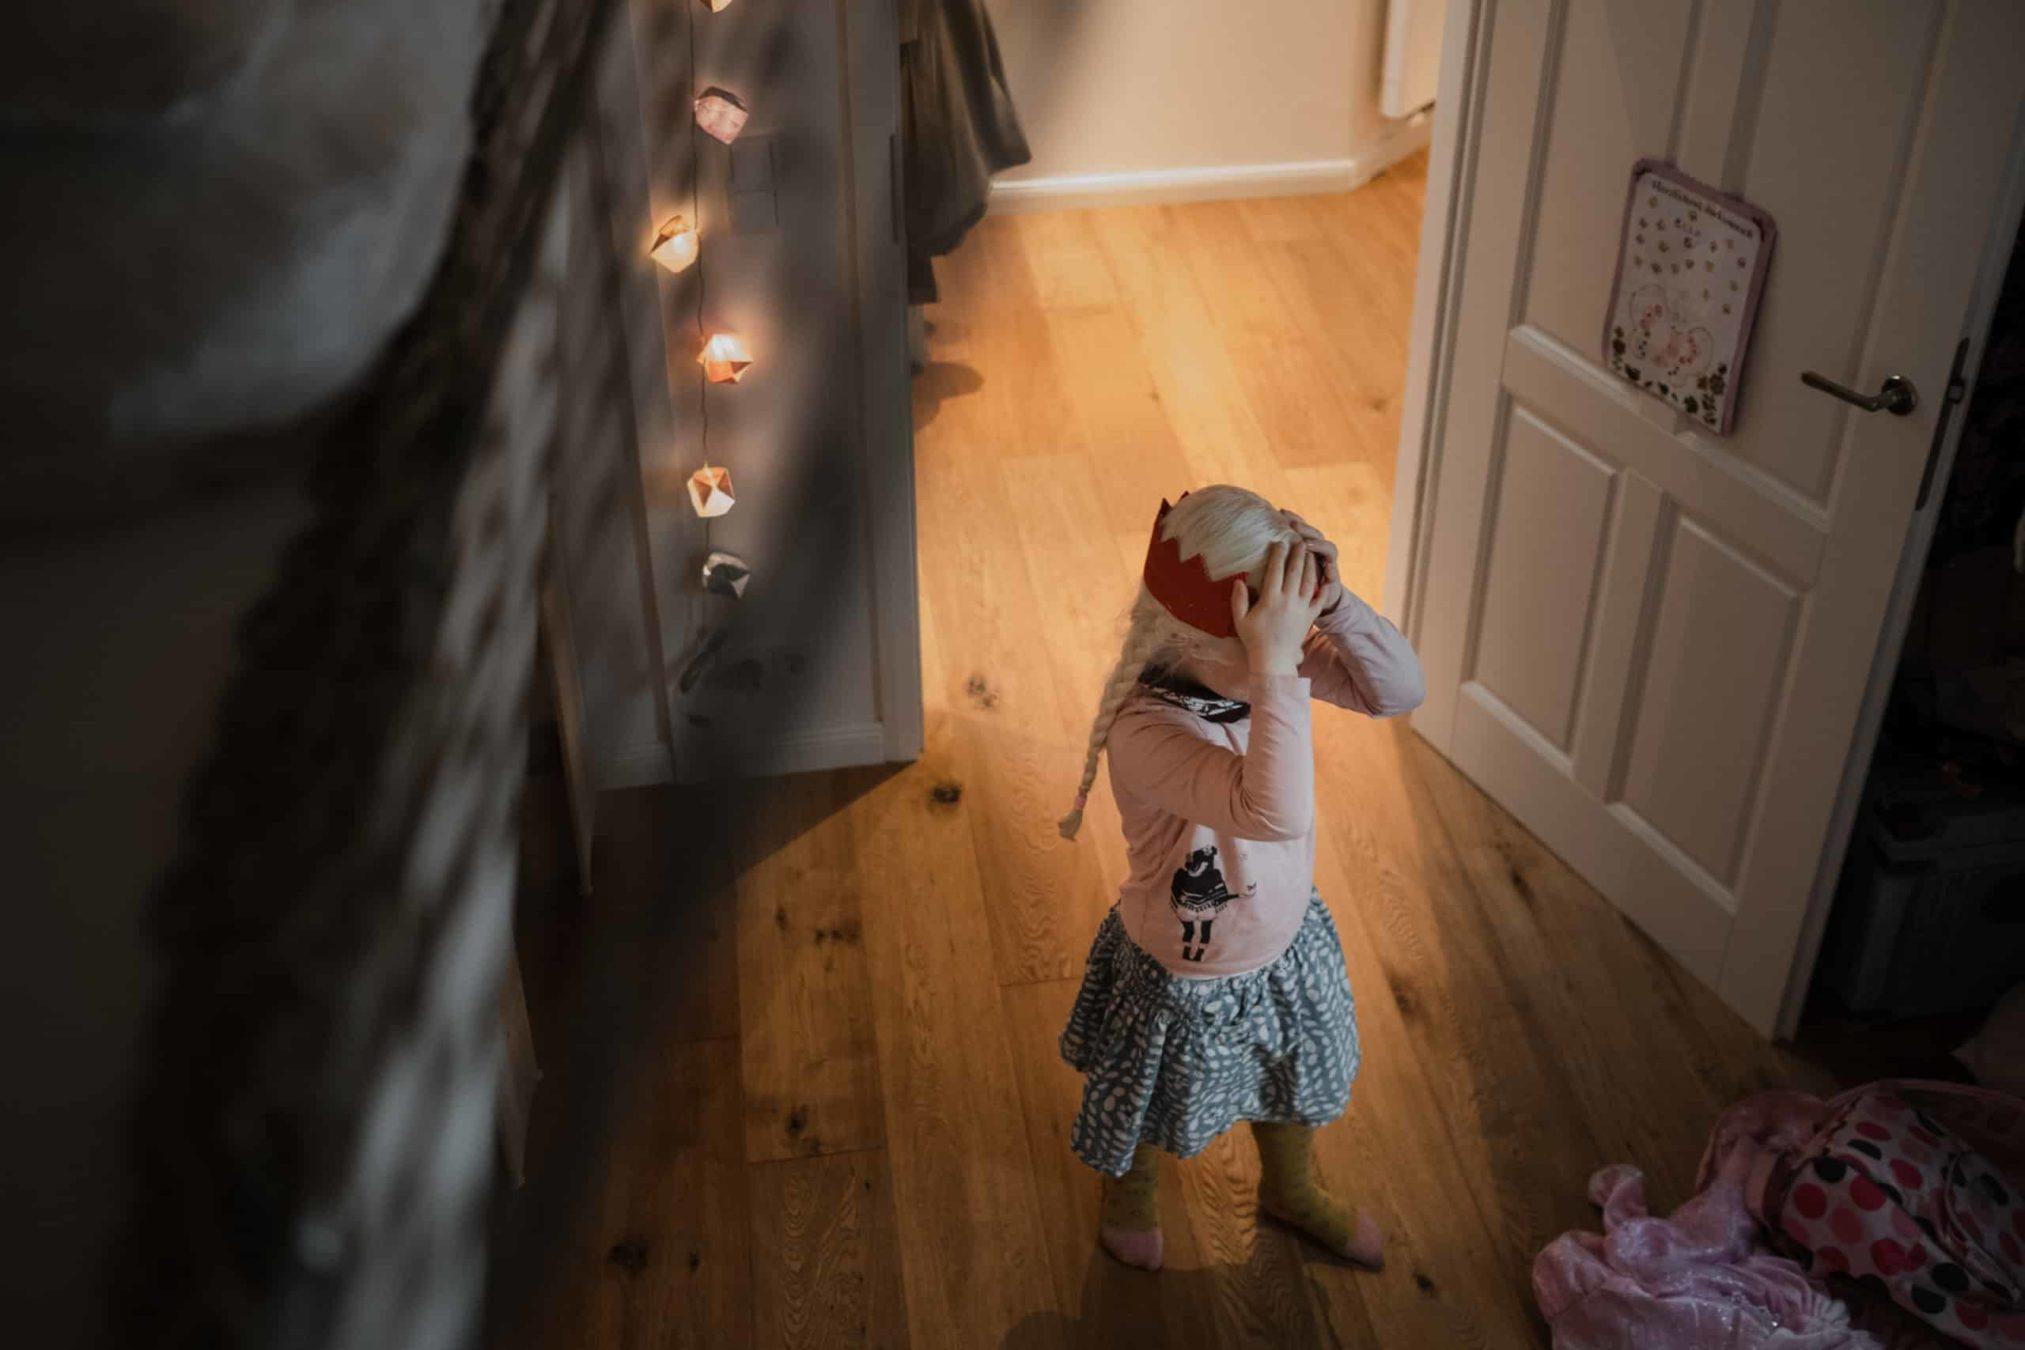 ein Mädchen steht in ihrem Kinderzimmer, sie trägt einen Rock und einen Pullover, sie hat eine rote Pappkrone auf den Kopf, die sie mit ihren Händen festhält, die Tür zu dem Zimmer steht auf, in dem Zimmer leuchtet eine Lichterkette